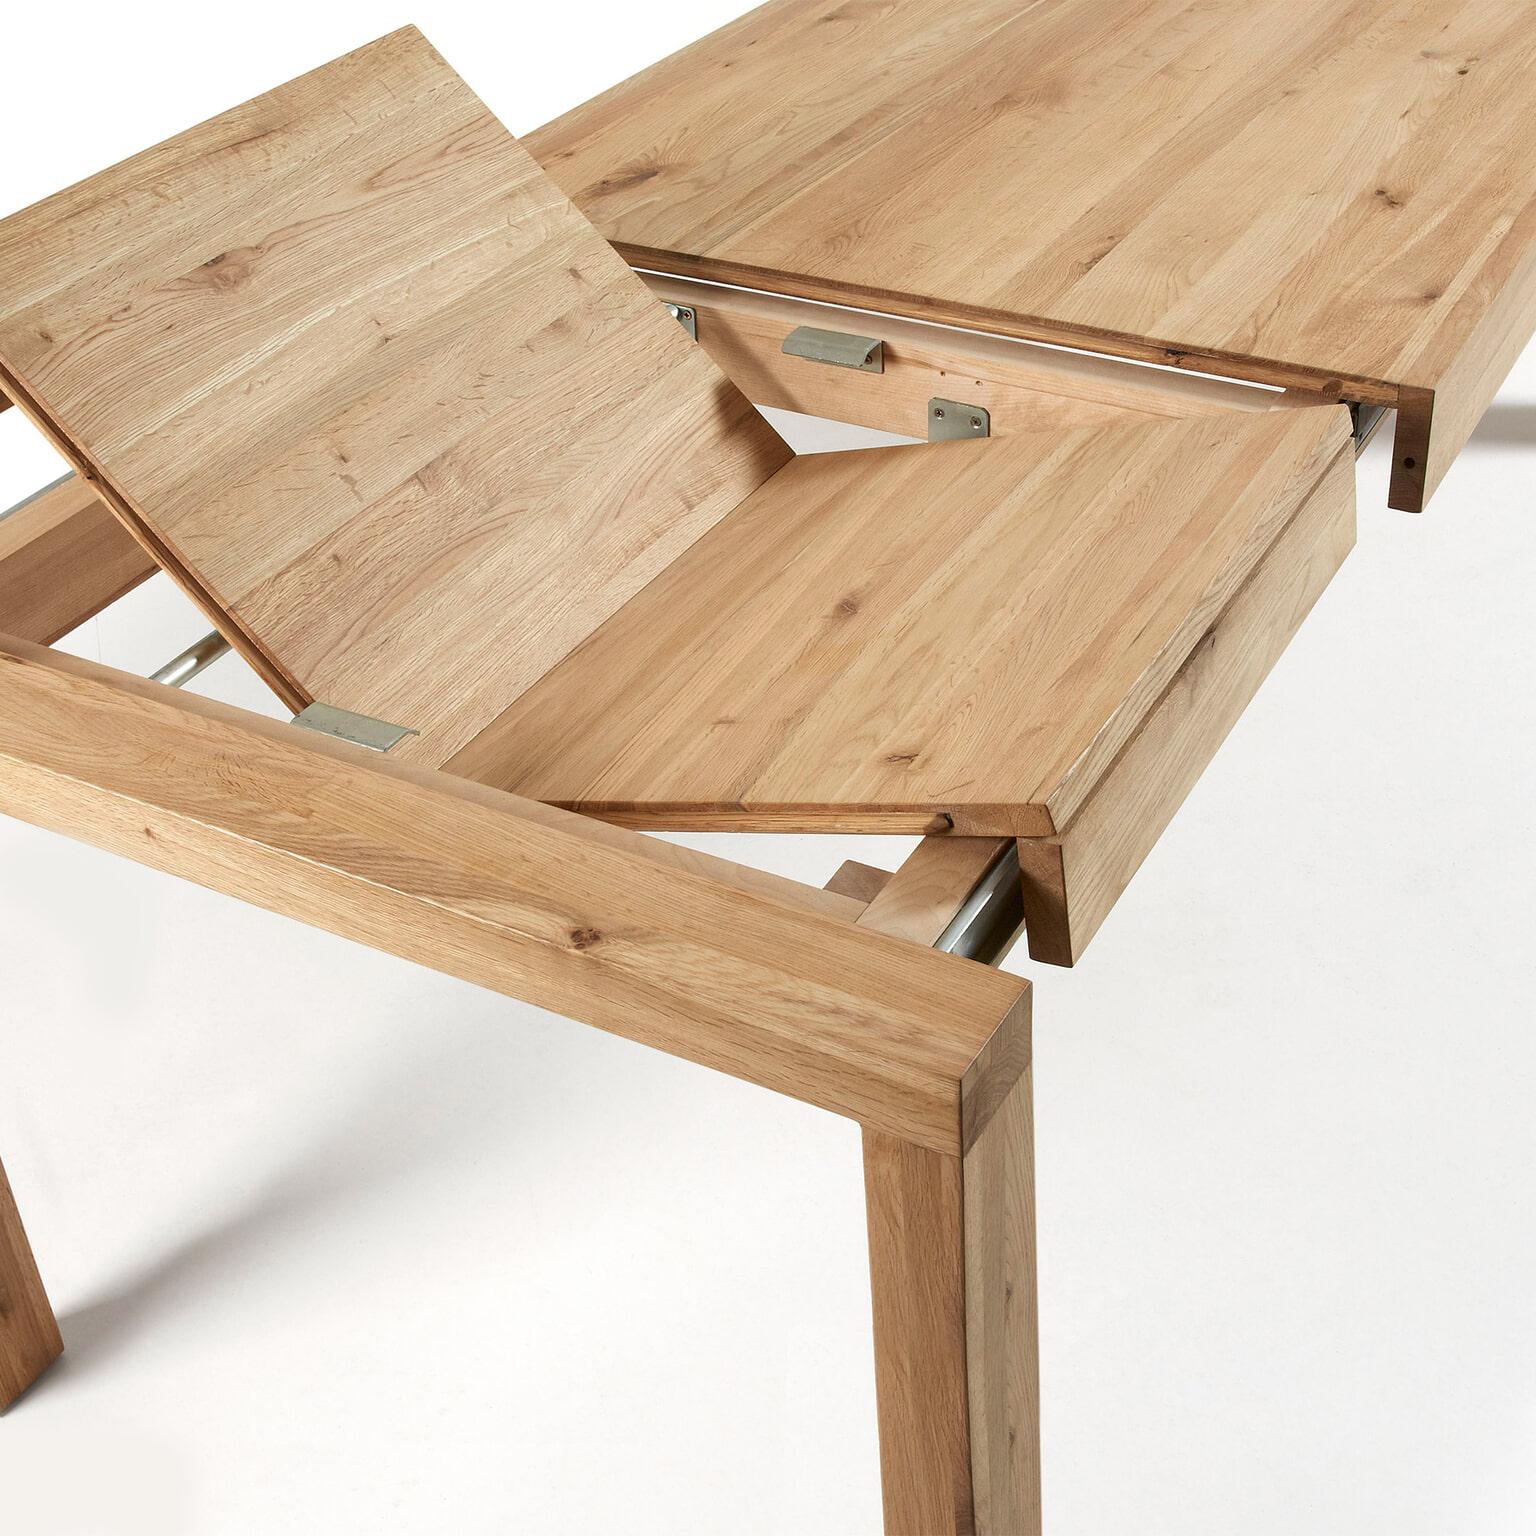 Vierkante Eettafel Uitschuifbaar.Kave Home Uitschuifbare Eettafel Briva Eiken Naturel 180 X 90cm